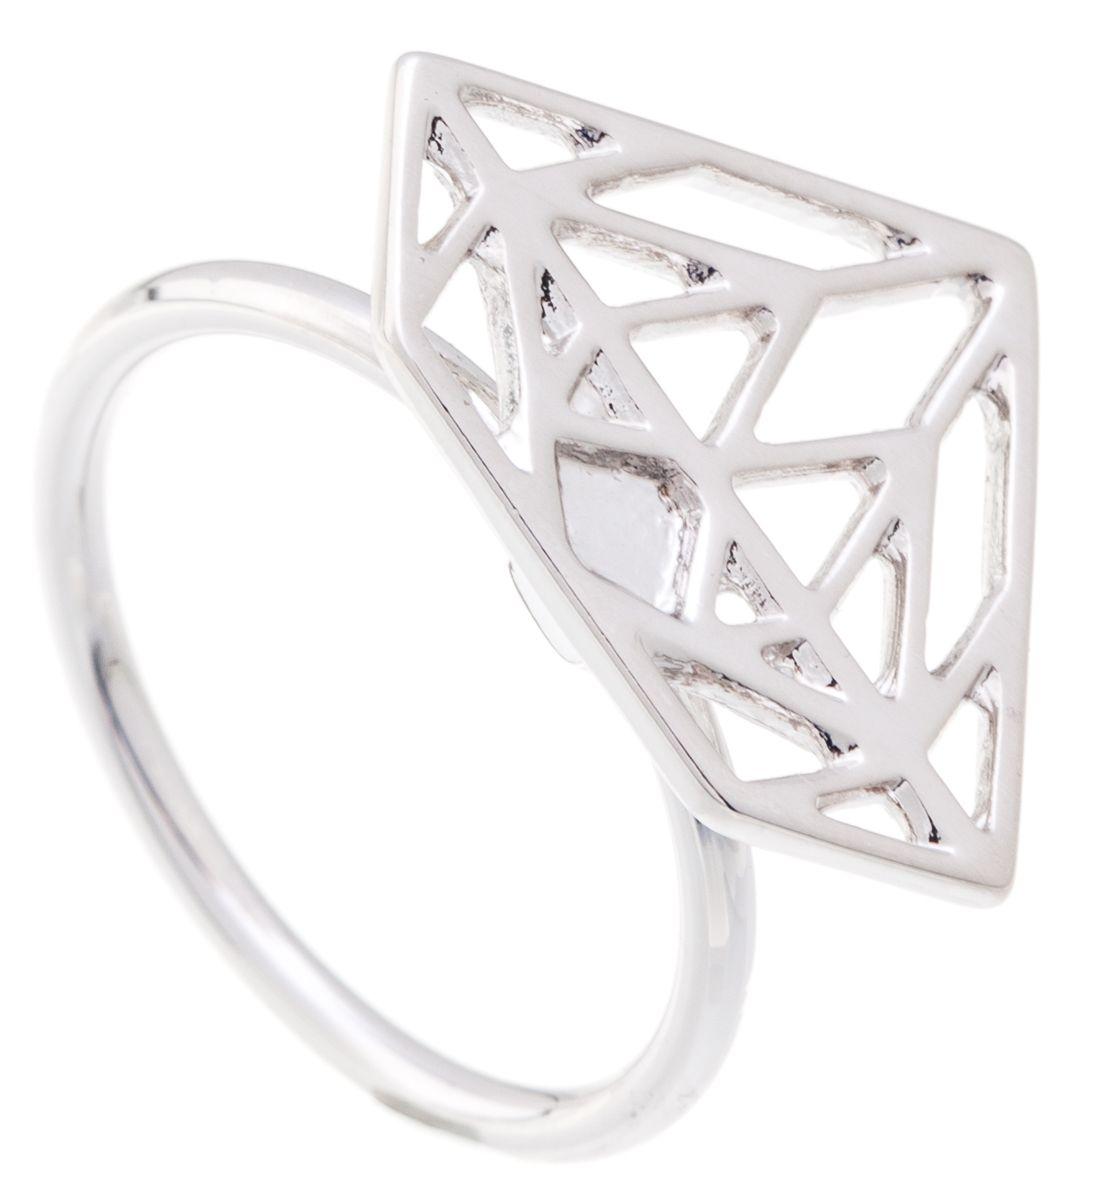 Кольцо Jenavi Young 2. Эпик, цвет: серебряный. f661f090. Размер 17Коктейльное кольцоИзящное кольцо Jenavi из коллекции Young 2. Эпик изготовлено из ювелирного сплава с покрытием из серебрения с родием. Изделие выполнено в необычном дизайне в форме треугольника. Стильное кольцо придаст вашему образу изюминку, подчеркнет индивидуальность.